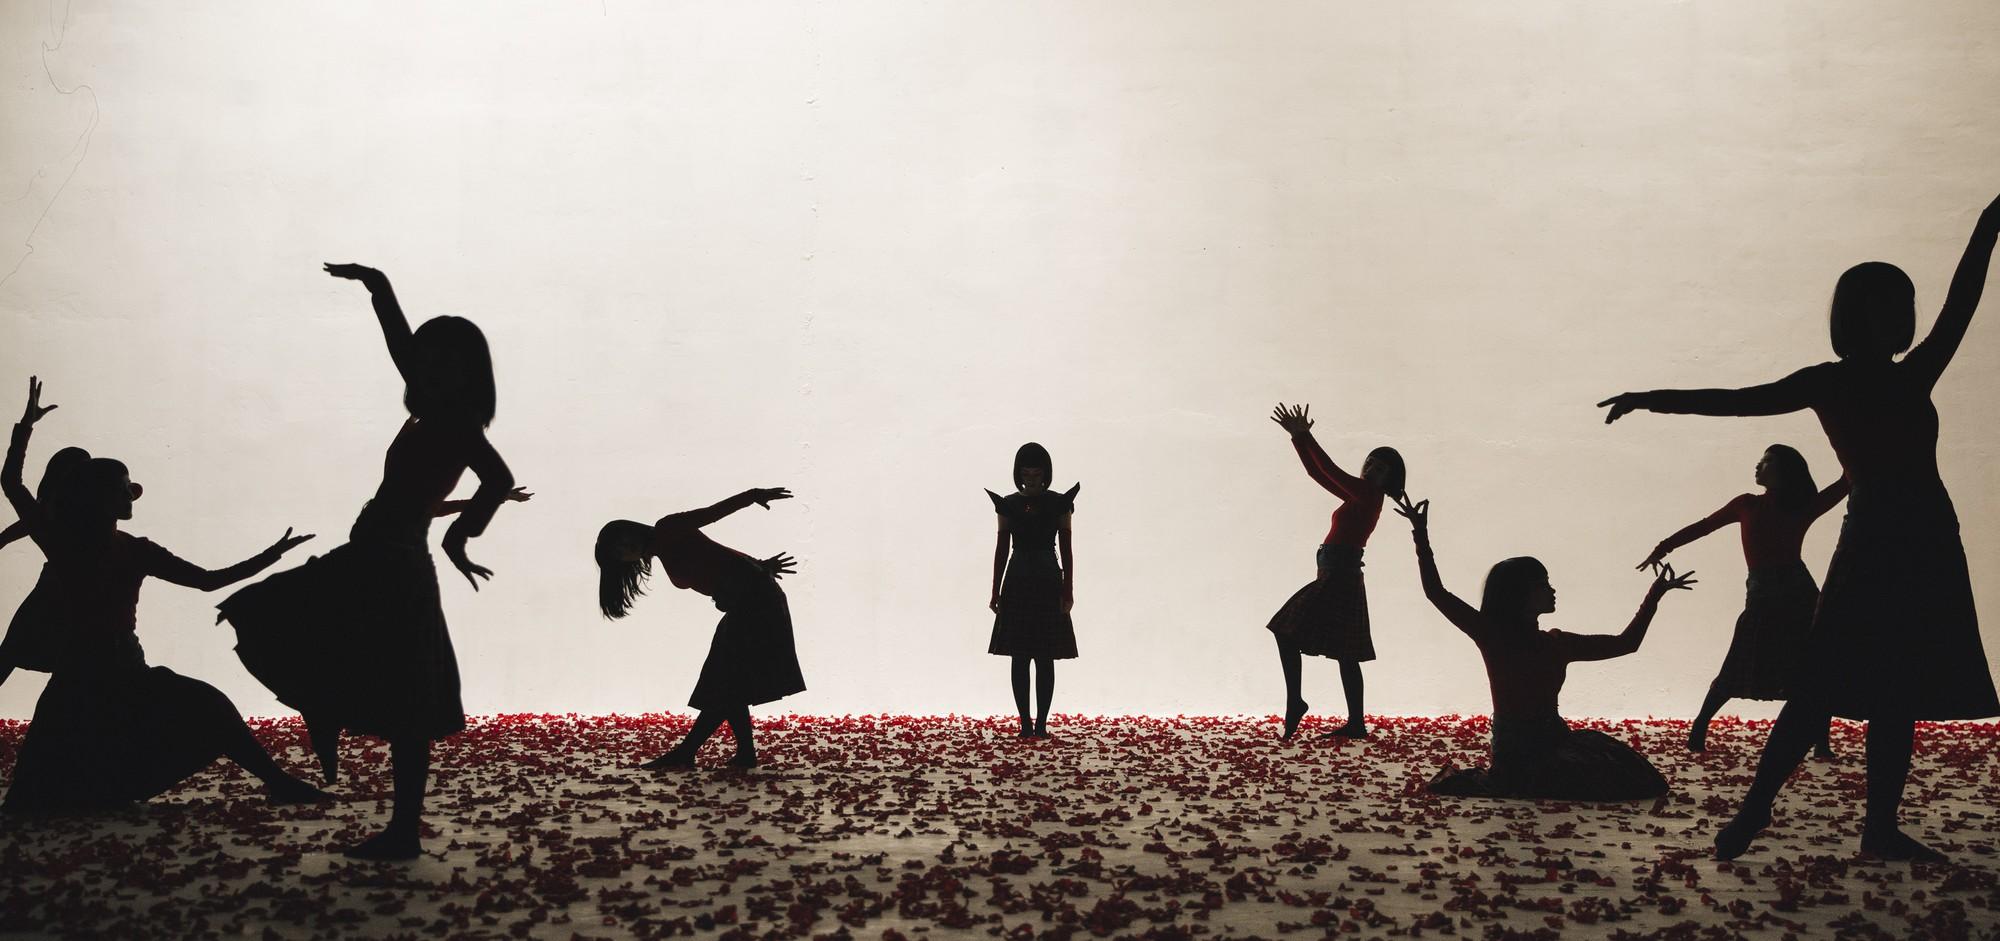 Chi Pu tung MV Dance lạ mắt với vũ đạo độc đáo, thực hiện 2 phiên bản cho sản phẩm trở lại - Ảnh 6.